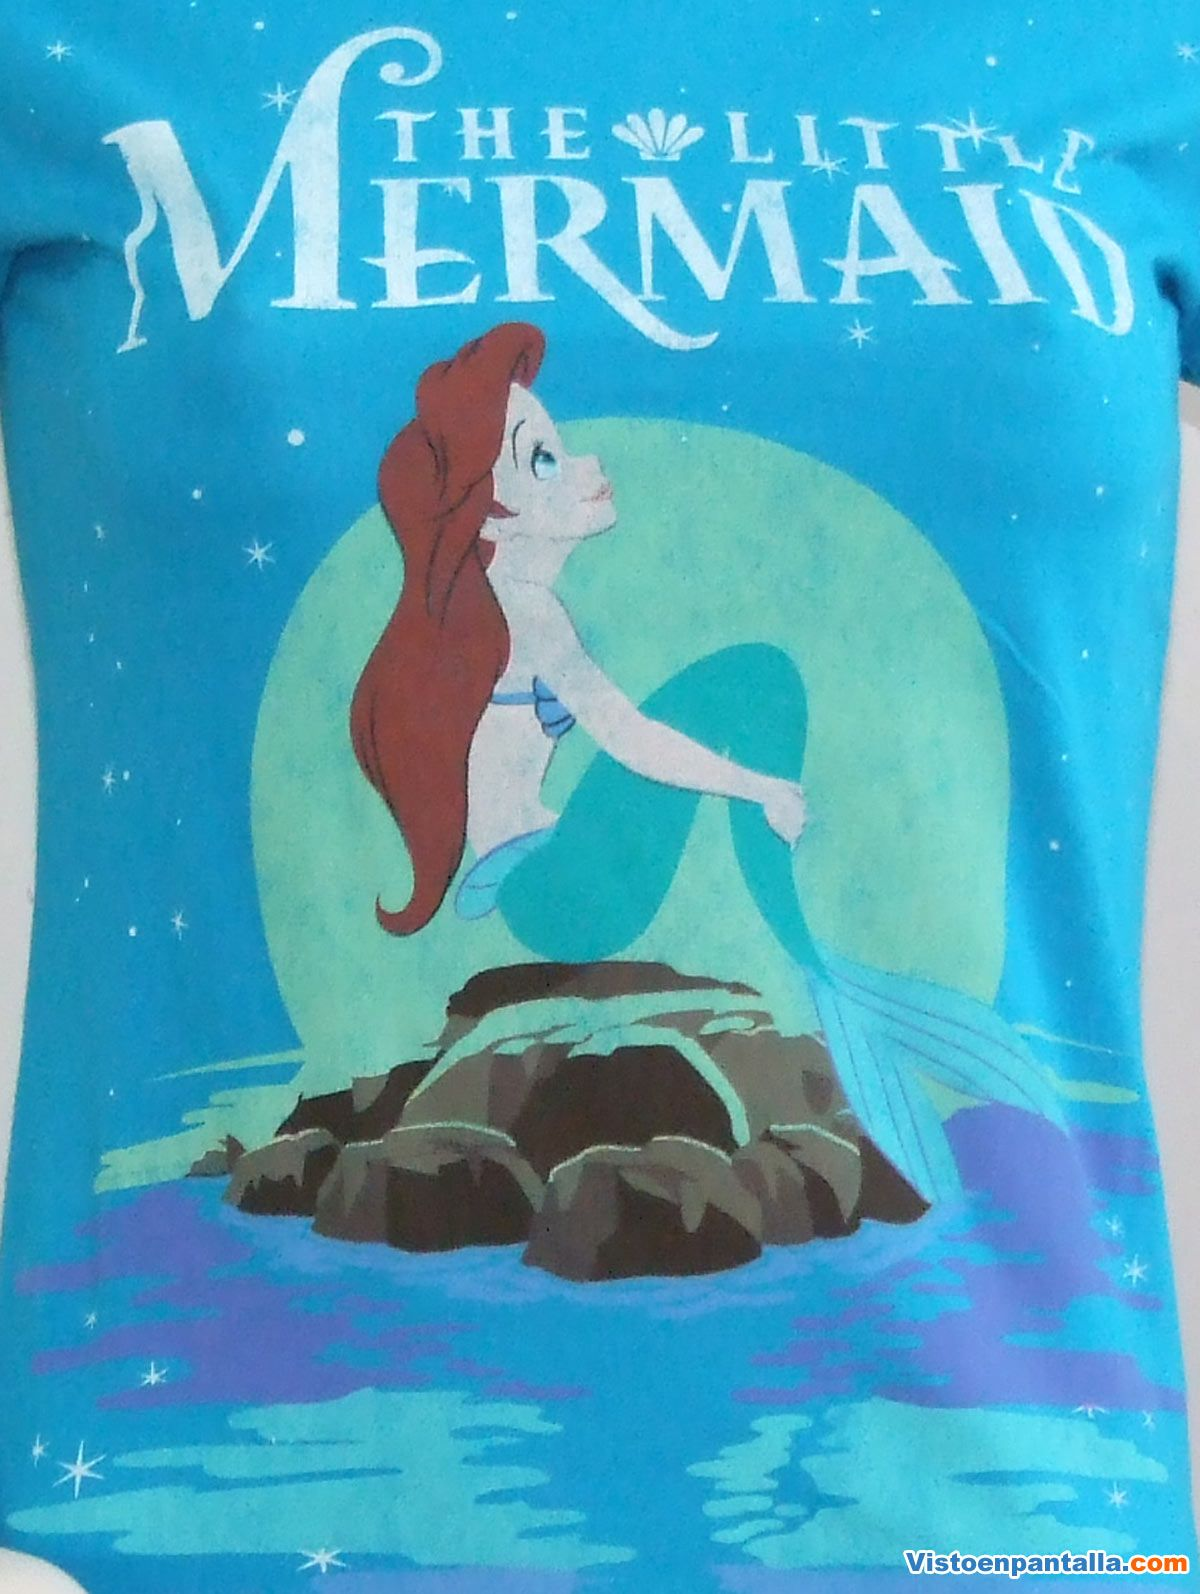 Camiseta Chica Disney. La Sirenita, Luna Camiseta Chica estampada con una preciosa y romántica escena de La Sirenita sentada en su roca y tras ella, una inmensa luna...